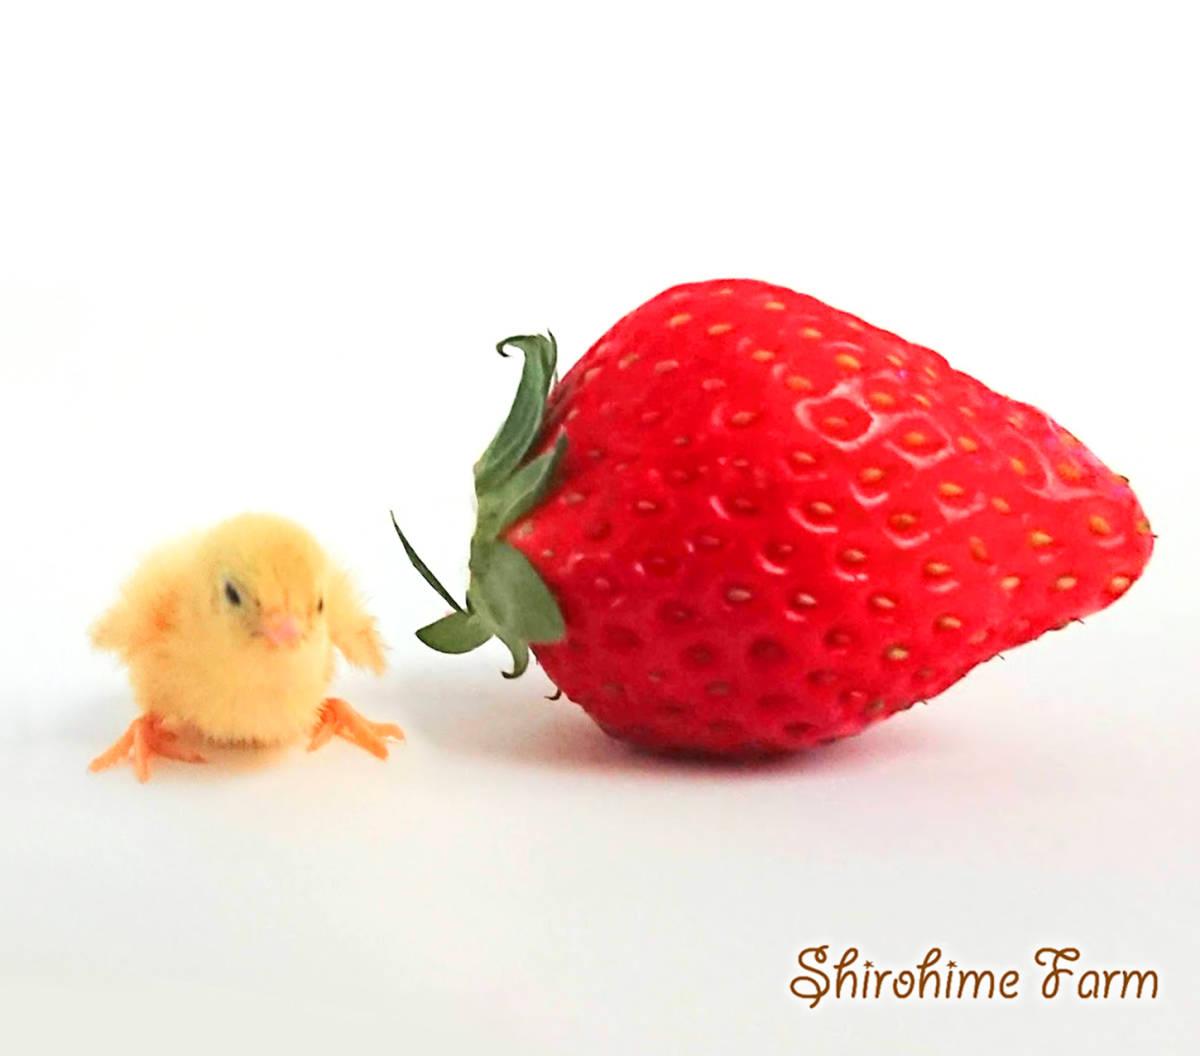 ◆強烈なかわいさ!!◆ ヒメウズラ【100%白姫】有精卵 6個 ■ ~おうちで楽しく幸せな時間を♪ ~ ■しろひめ牧場■_苺とせいくらべ♪おっきいなあ…